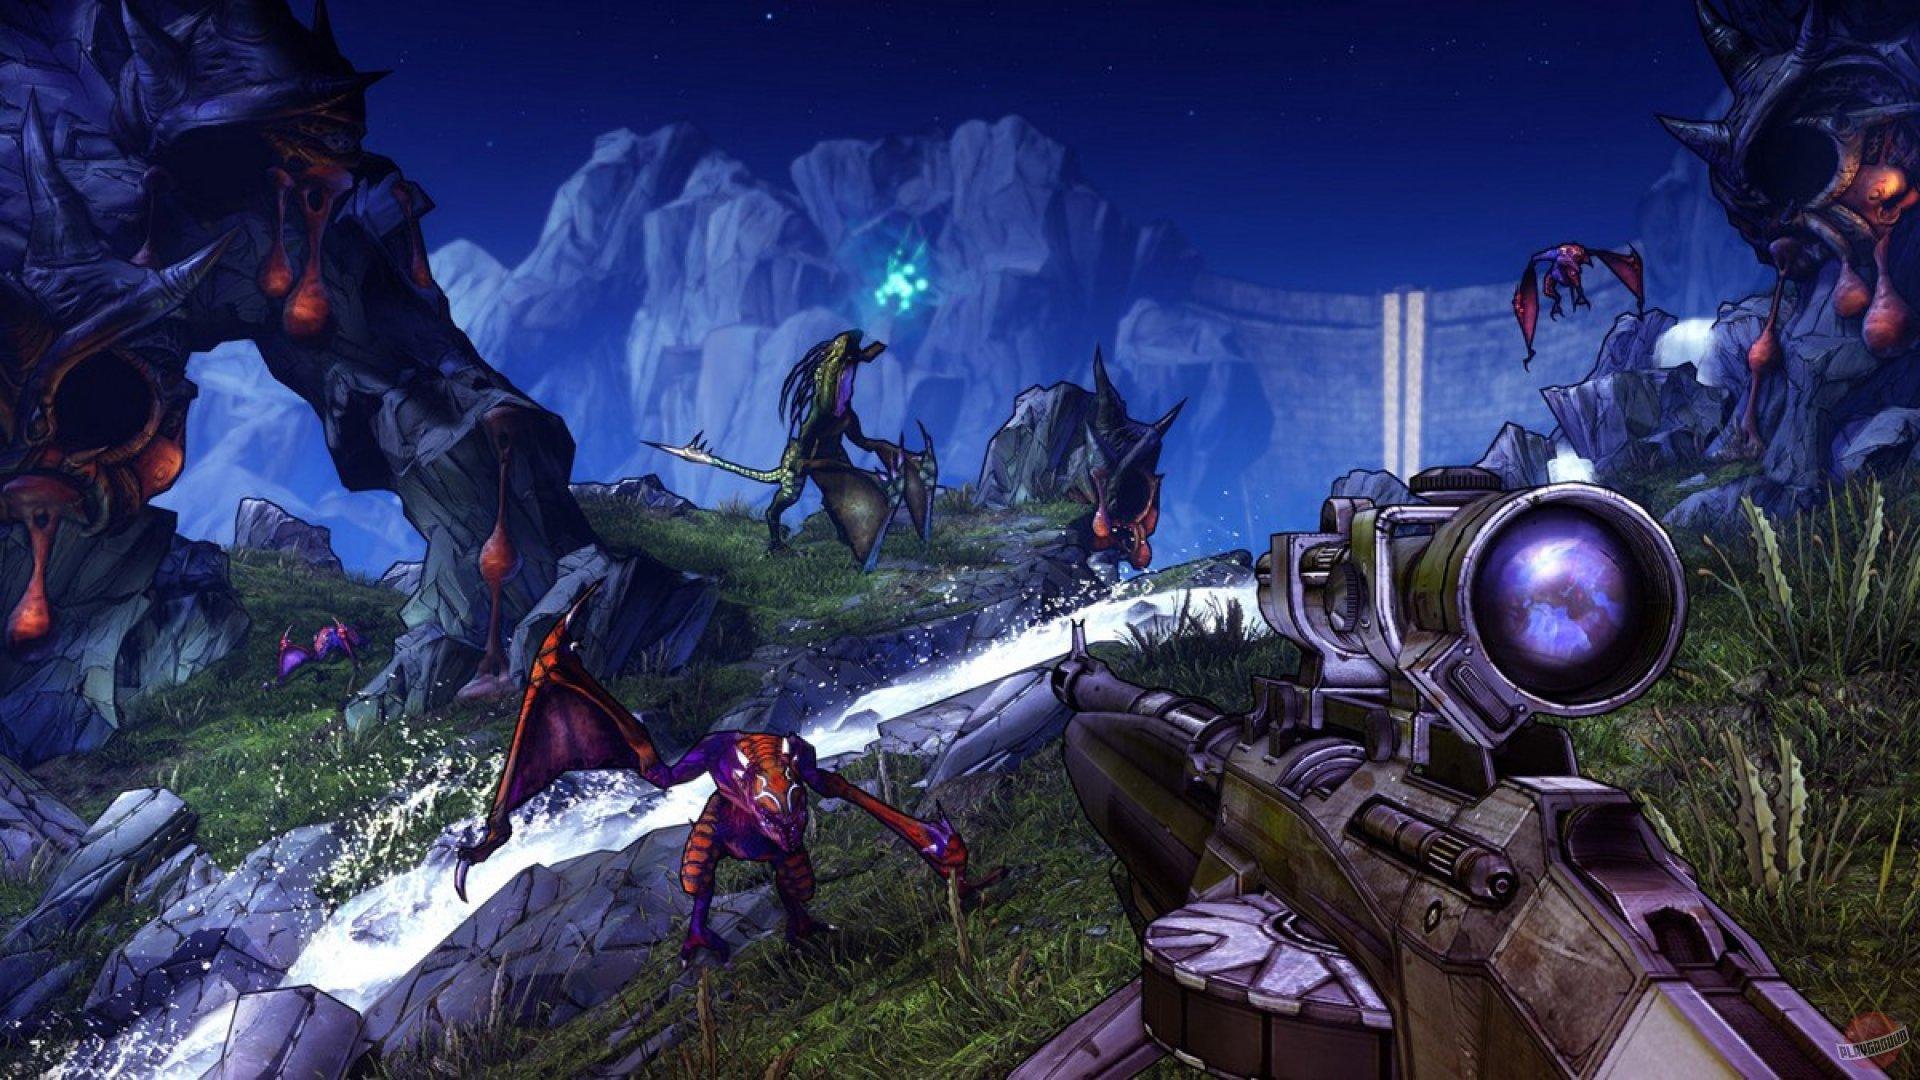 Игра без границ: Borderlands 2 собрала более 5 миллионов пользователей